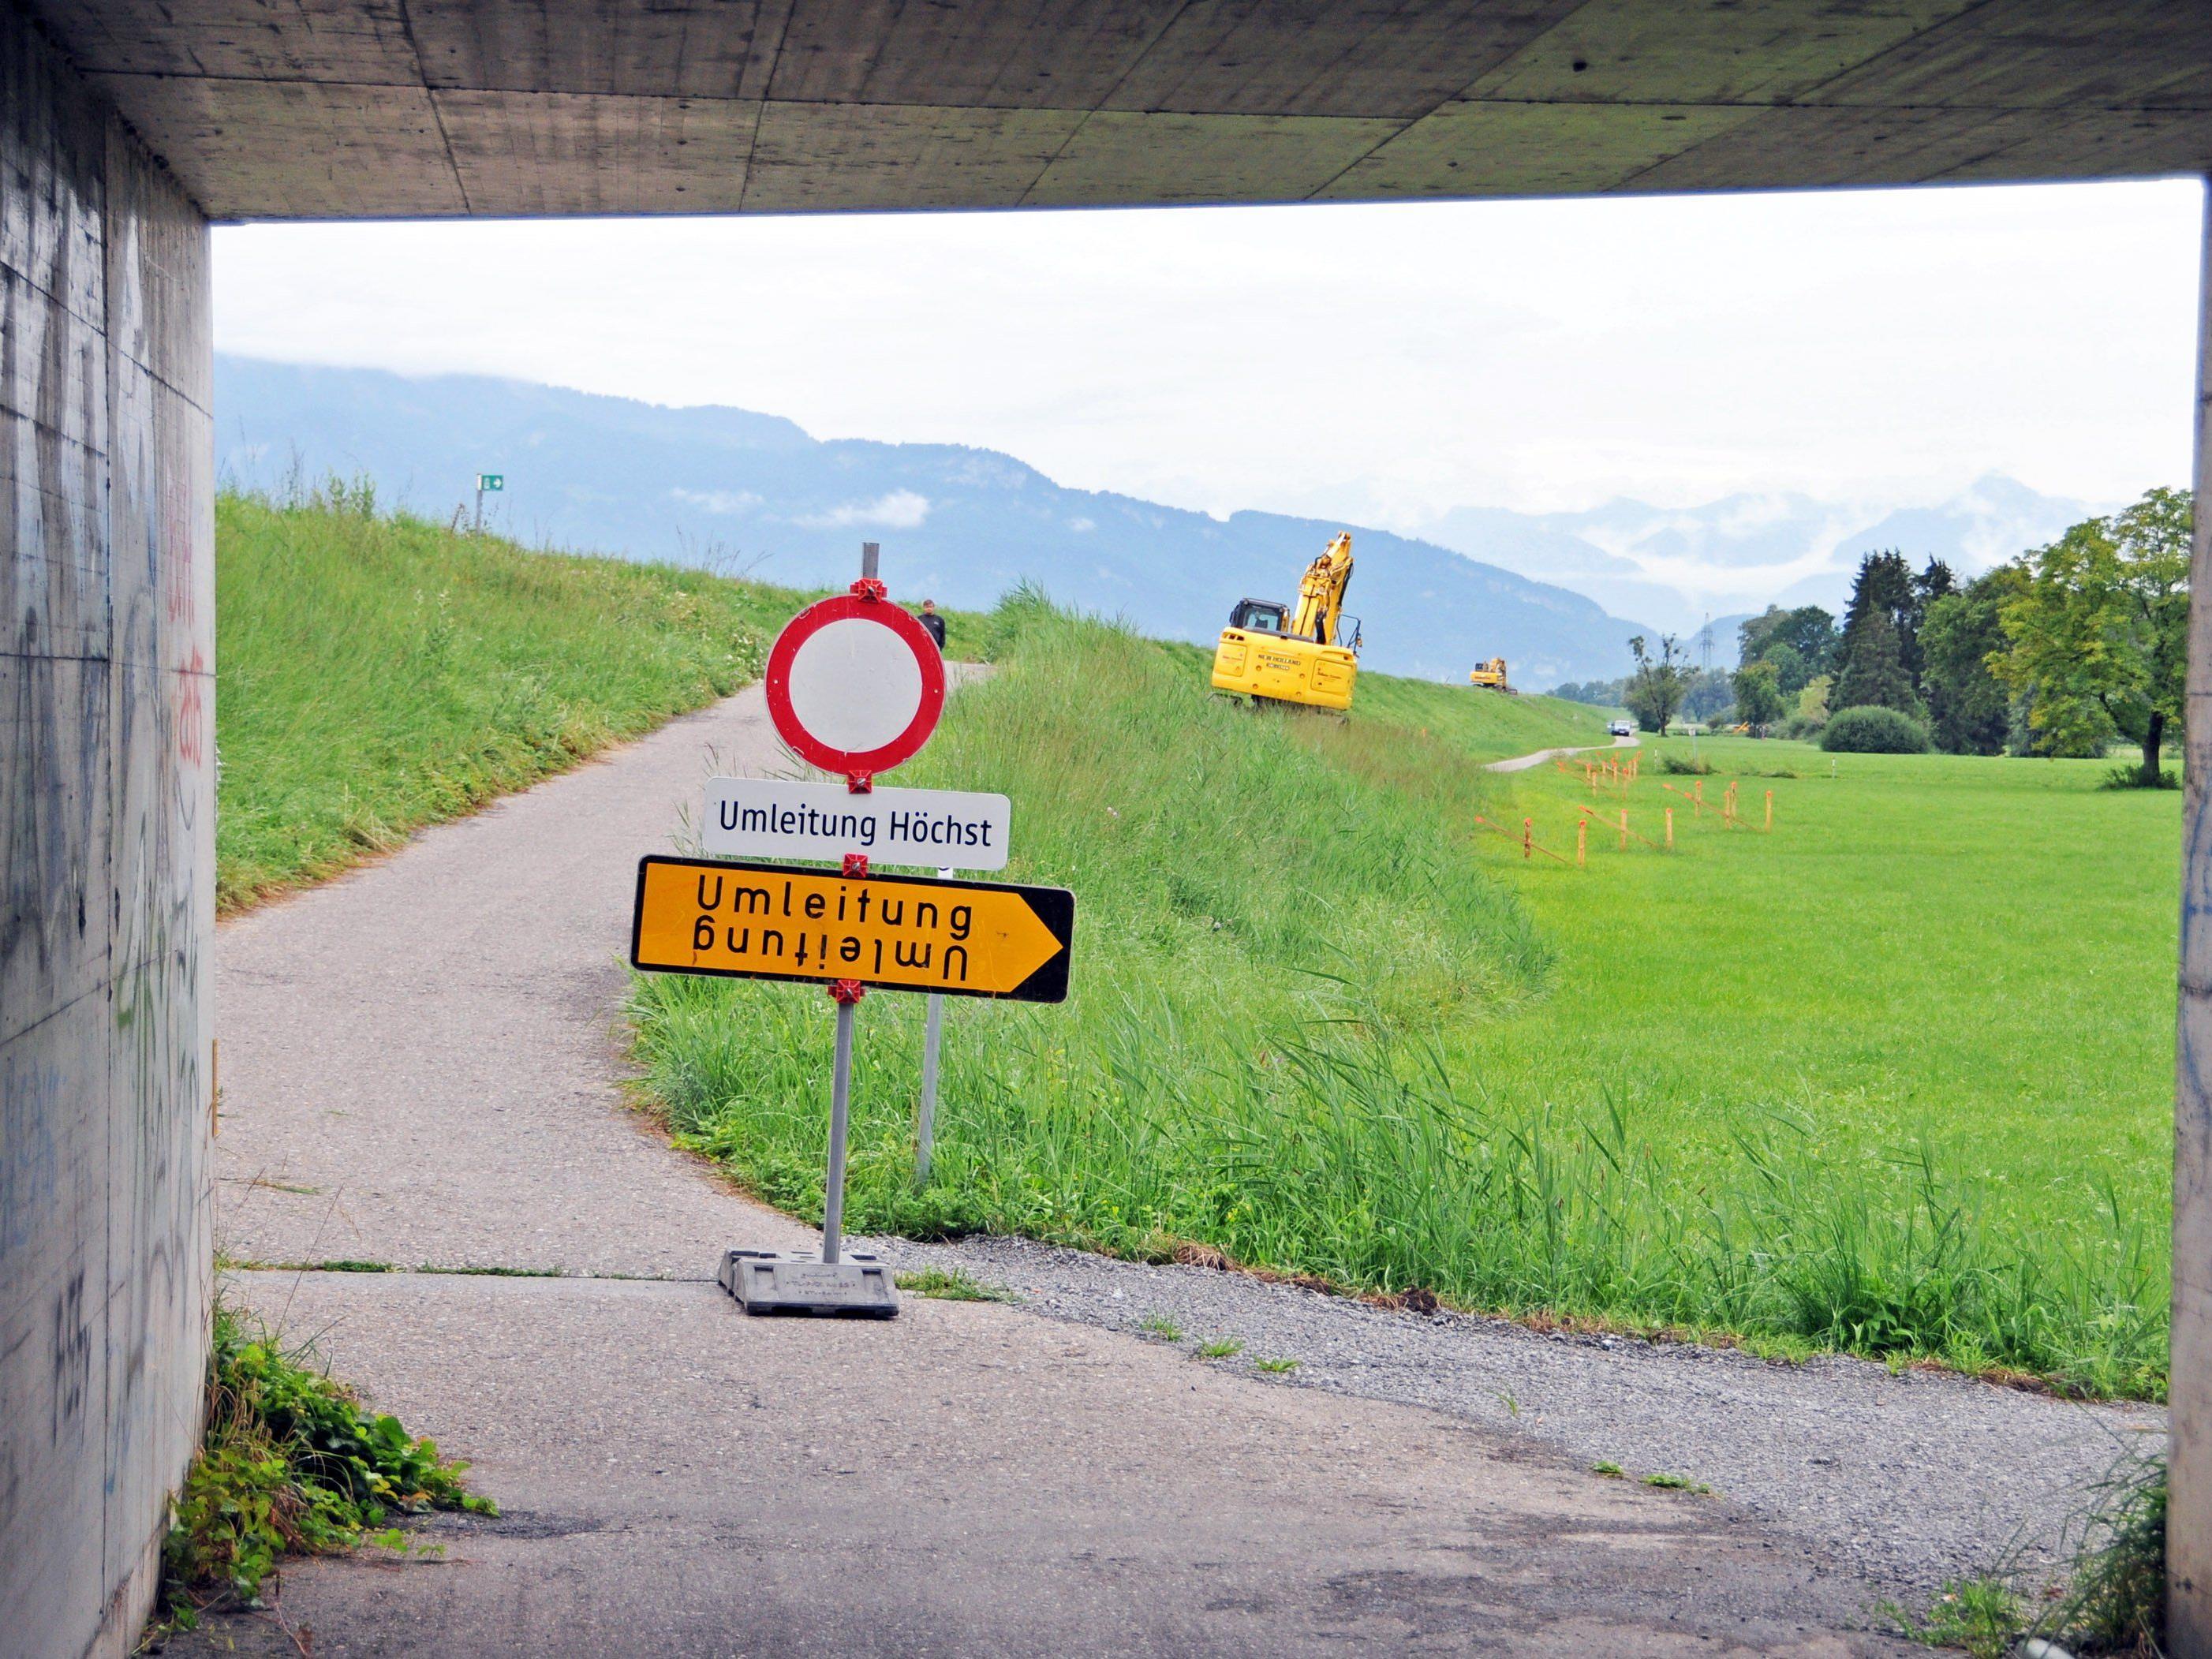 Am Rheindamm haben die Bauarbeiten für die Interventionspiste begonnen, die Radfahrer werden umgeleitet.